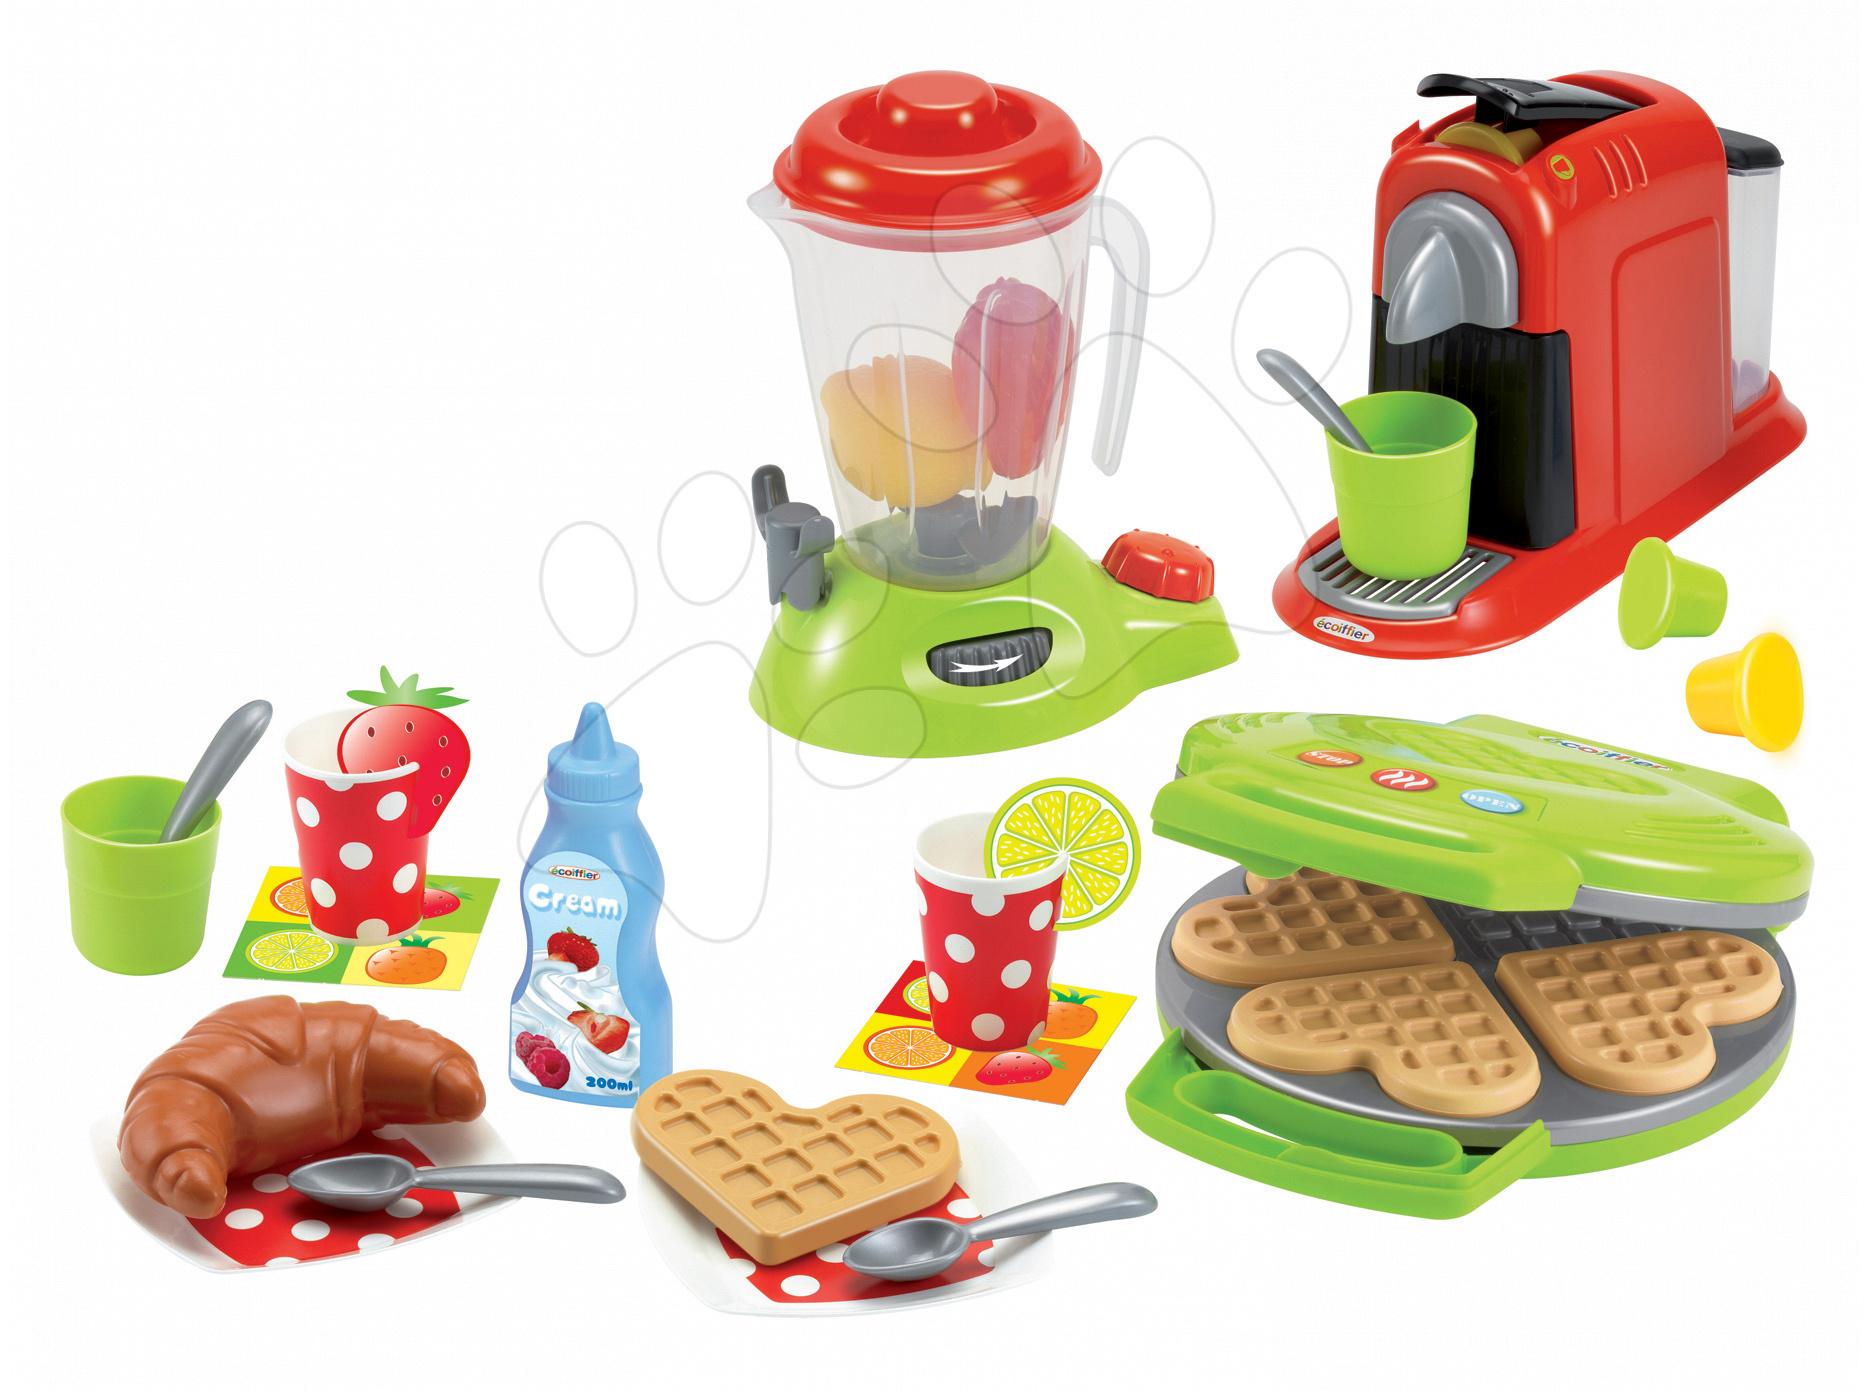 Játékkonyha kiegészítők és edények - Gofrisütő 100% Chef Écoiffier turmixgéppel, kávéfőzővel és gofrikkal 28 kiegészítővel zöld 18 hó-tól